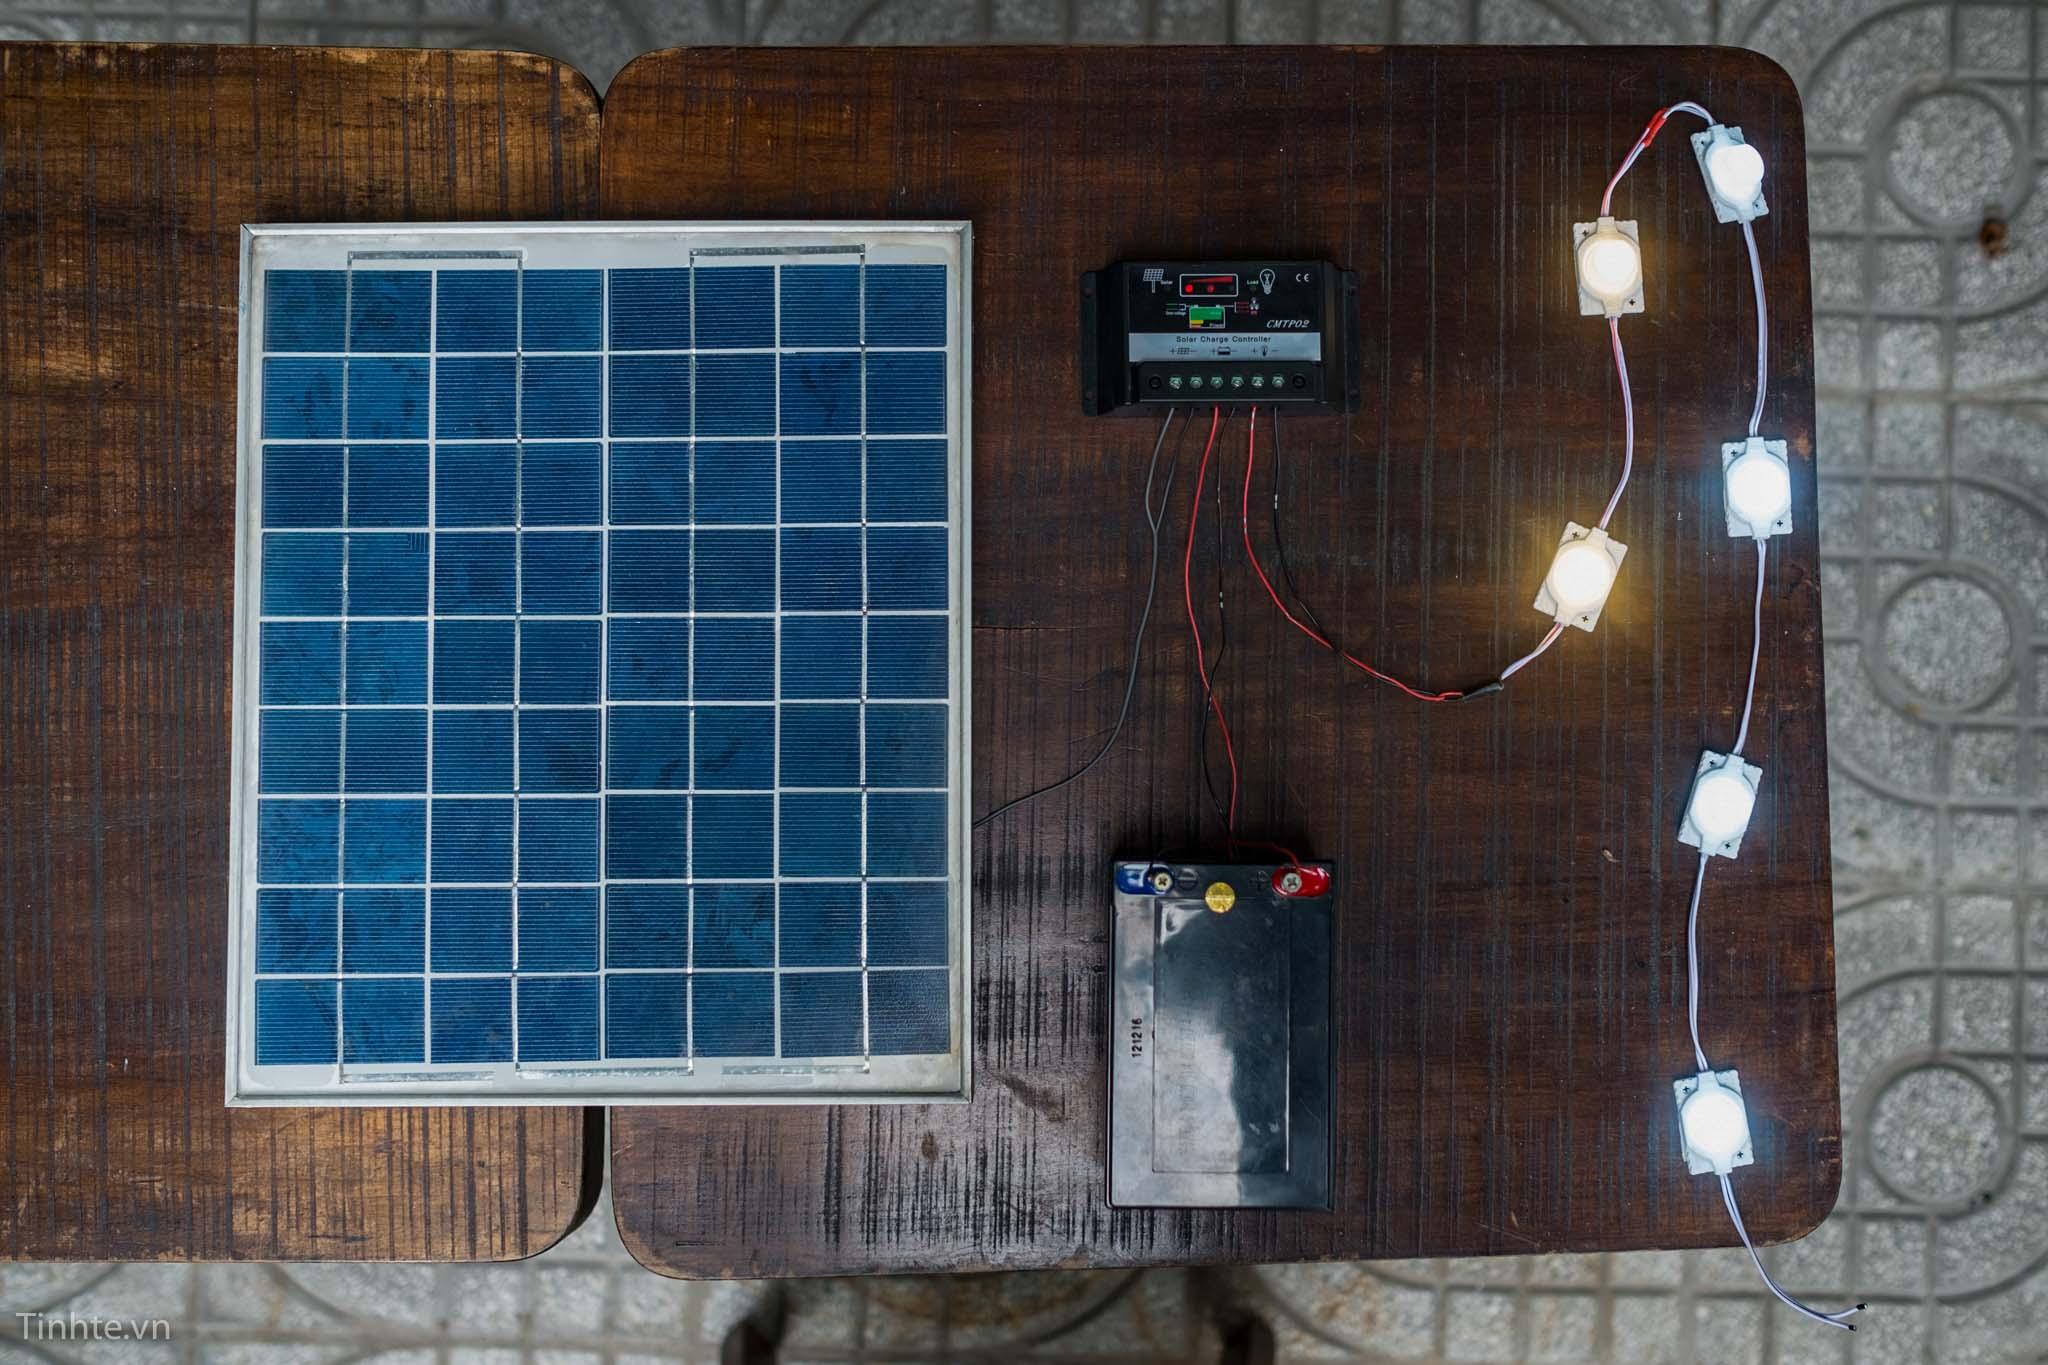 thật đơn giản hệ thống đã hoặt động hoàn thiện camera năng lượng mặt trời